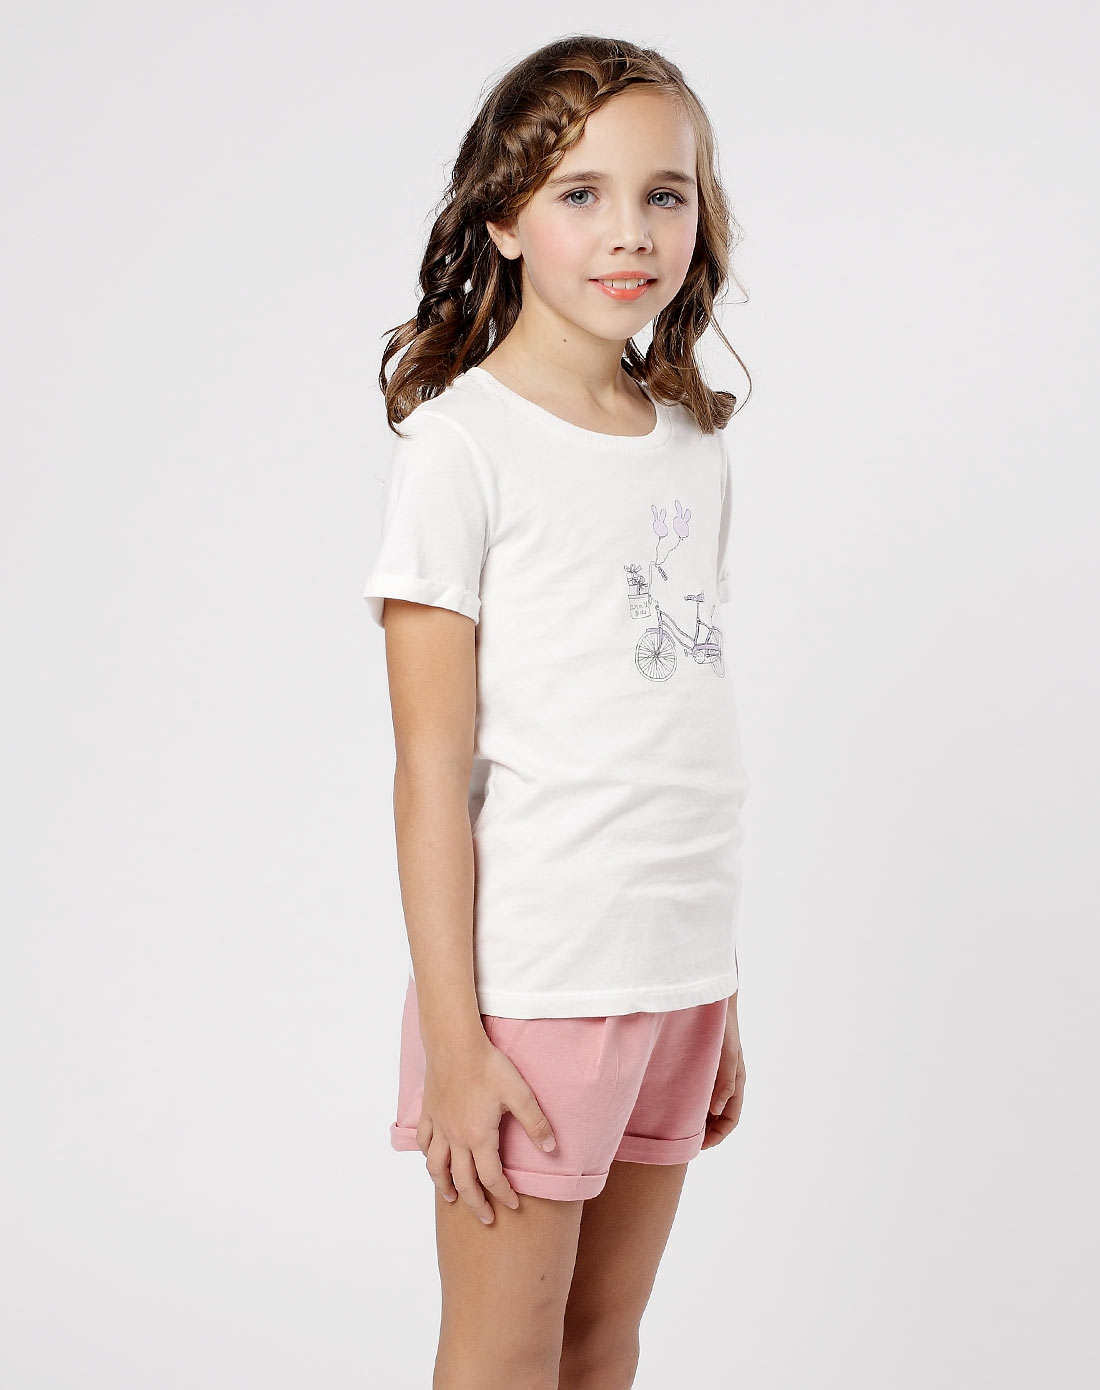 女童米白t恤图片